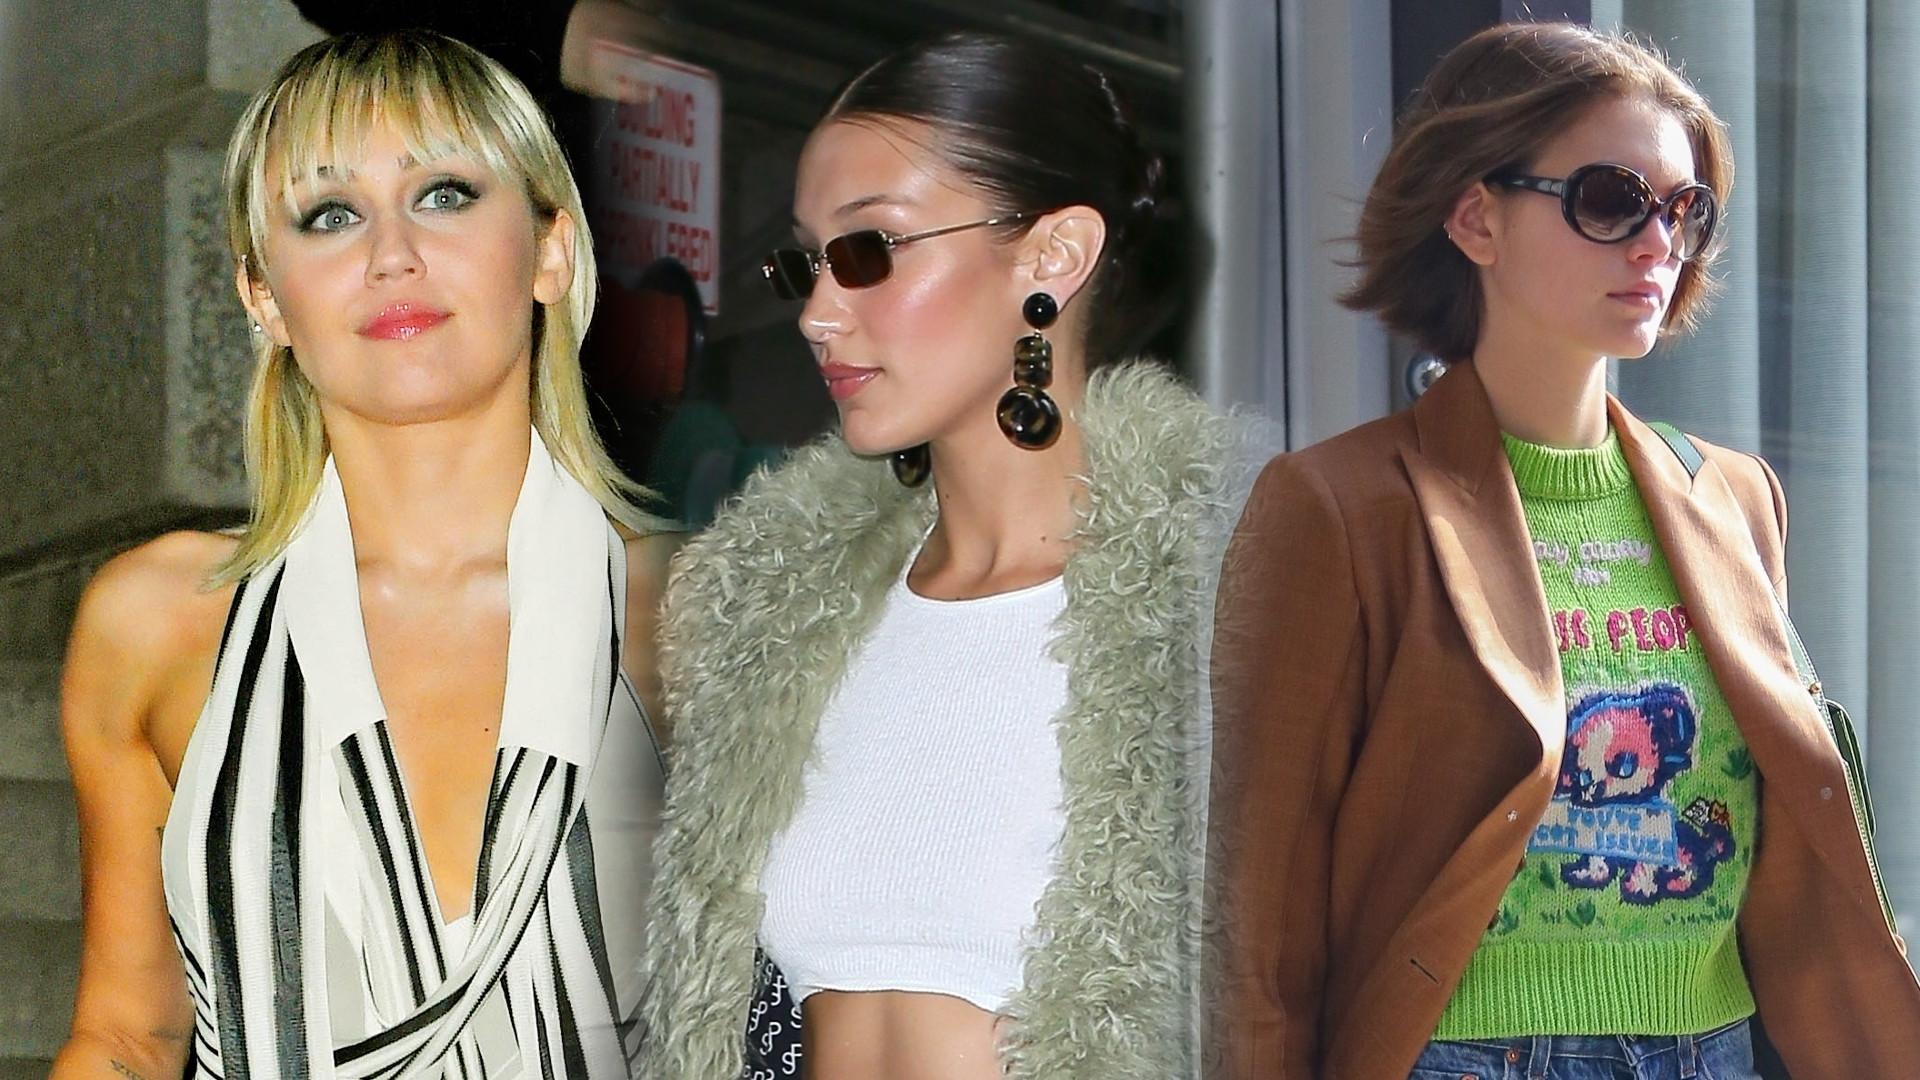 Siostry Hadid, Miley Cyrus i Kaia Gerber na pokazie Marca Jocobsa w Nowym Jorku (ZDJĘCIA)